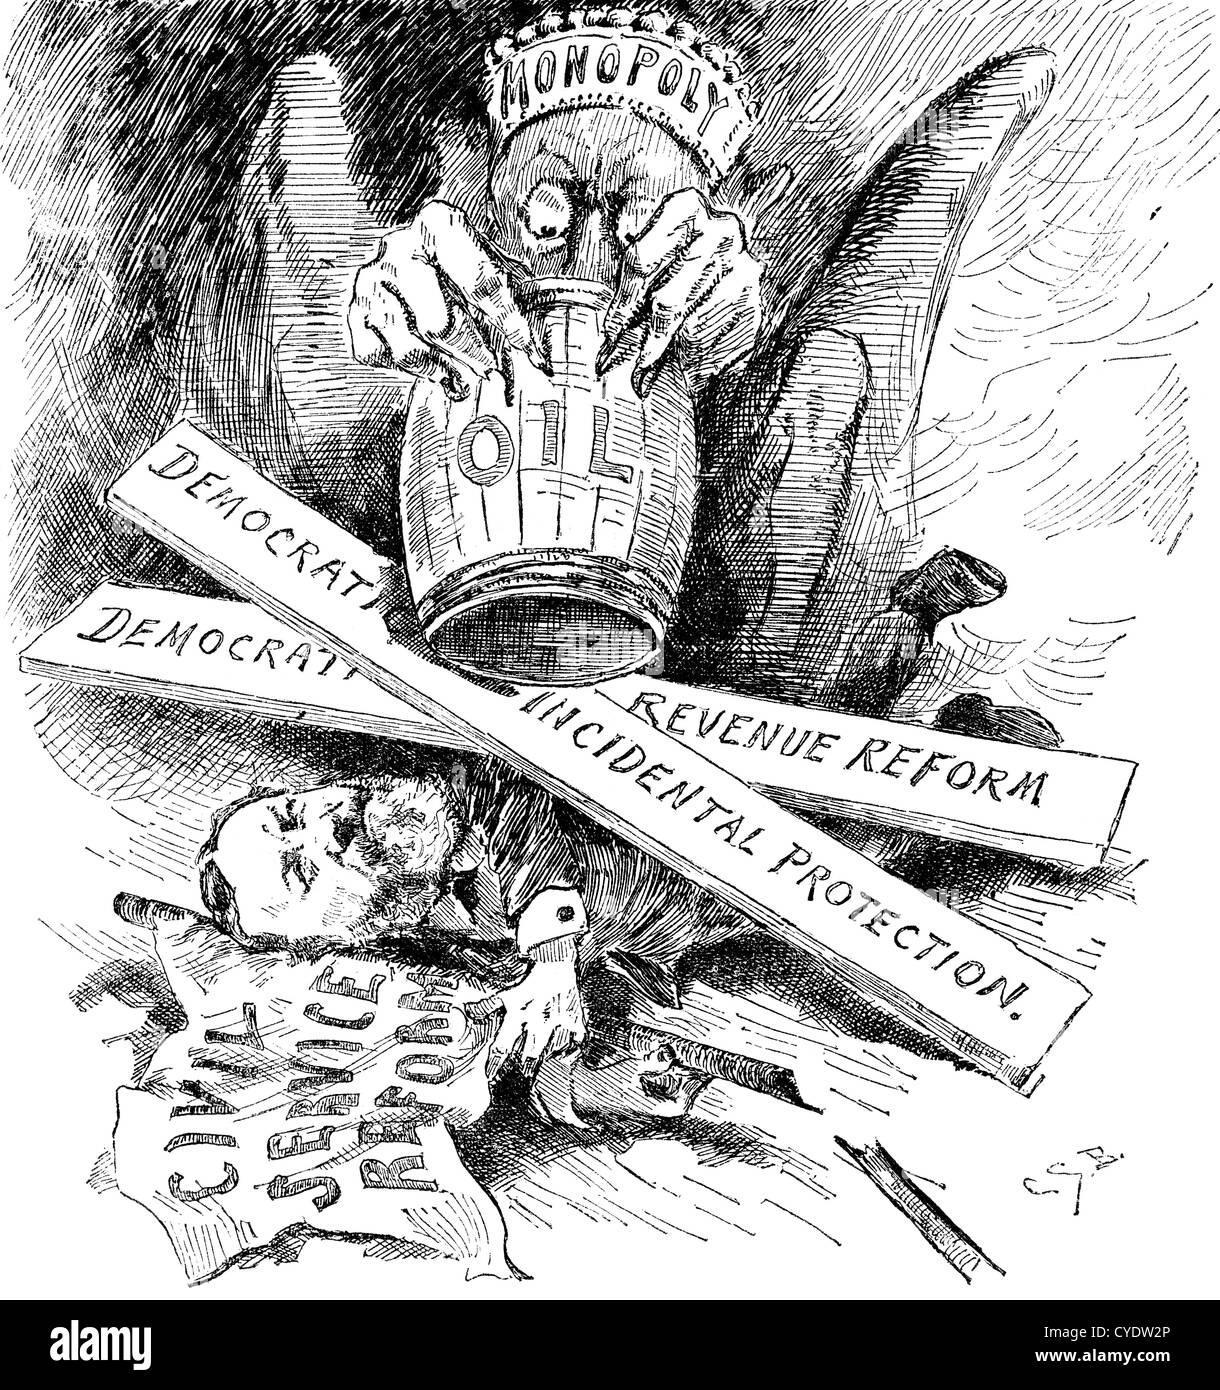 Standard Oil Monopol dragon Zerkleinerung der Reform des öffentlichen Dienstes, Cartoon, 1880. Holzschnitt Stockbild